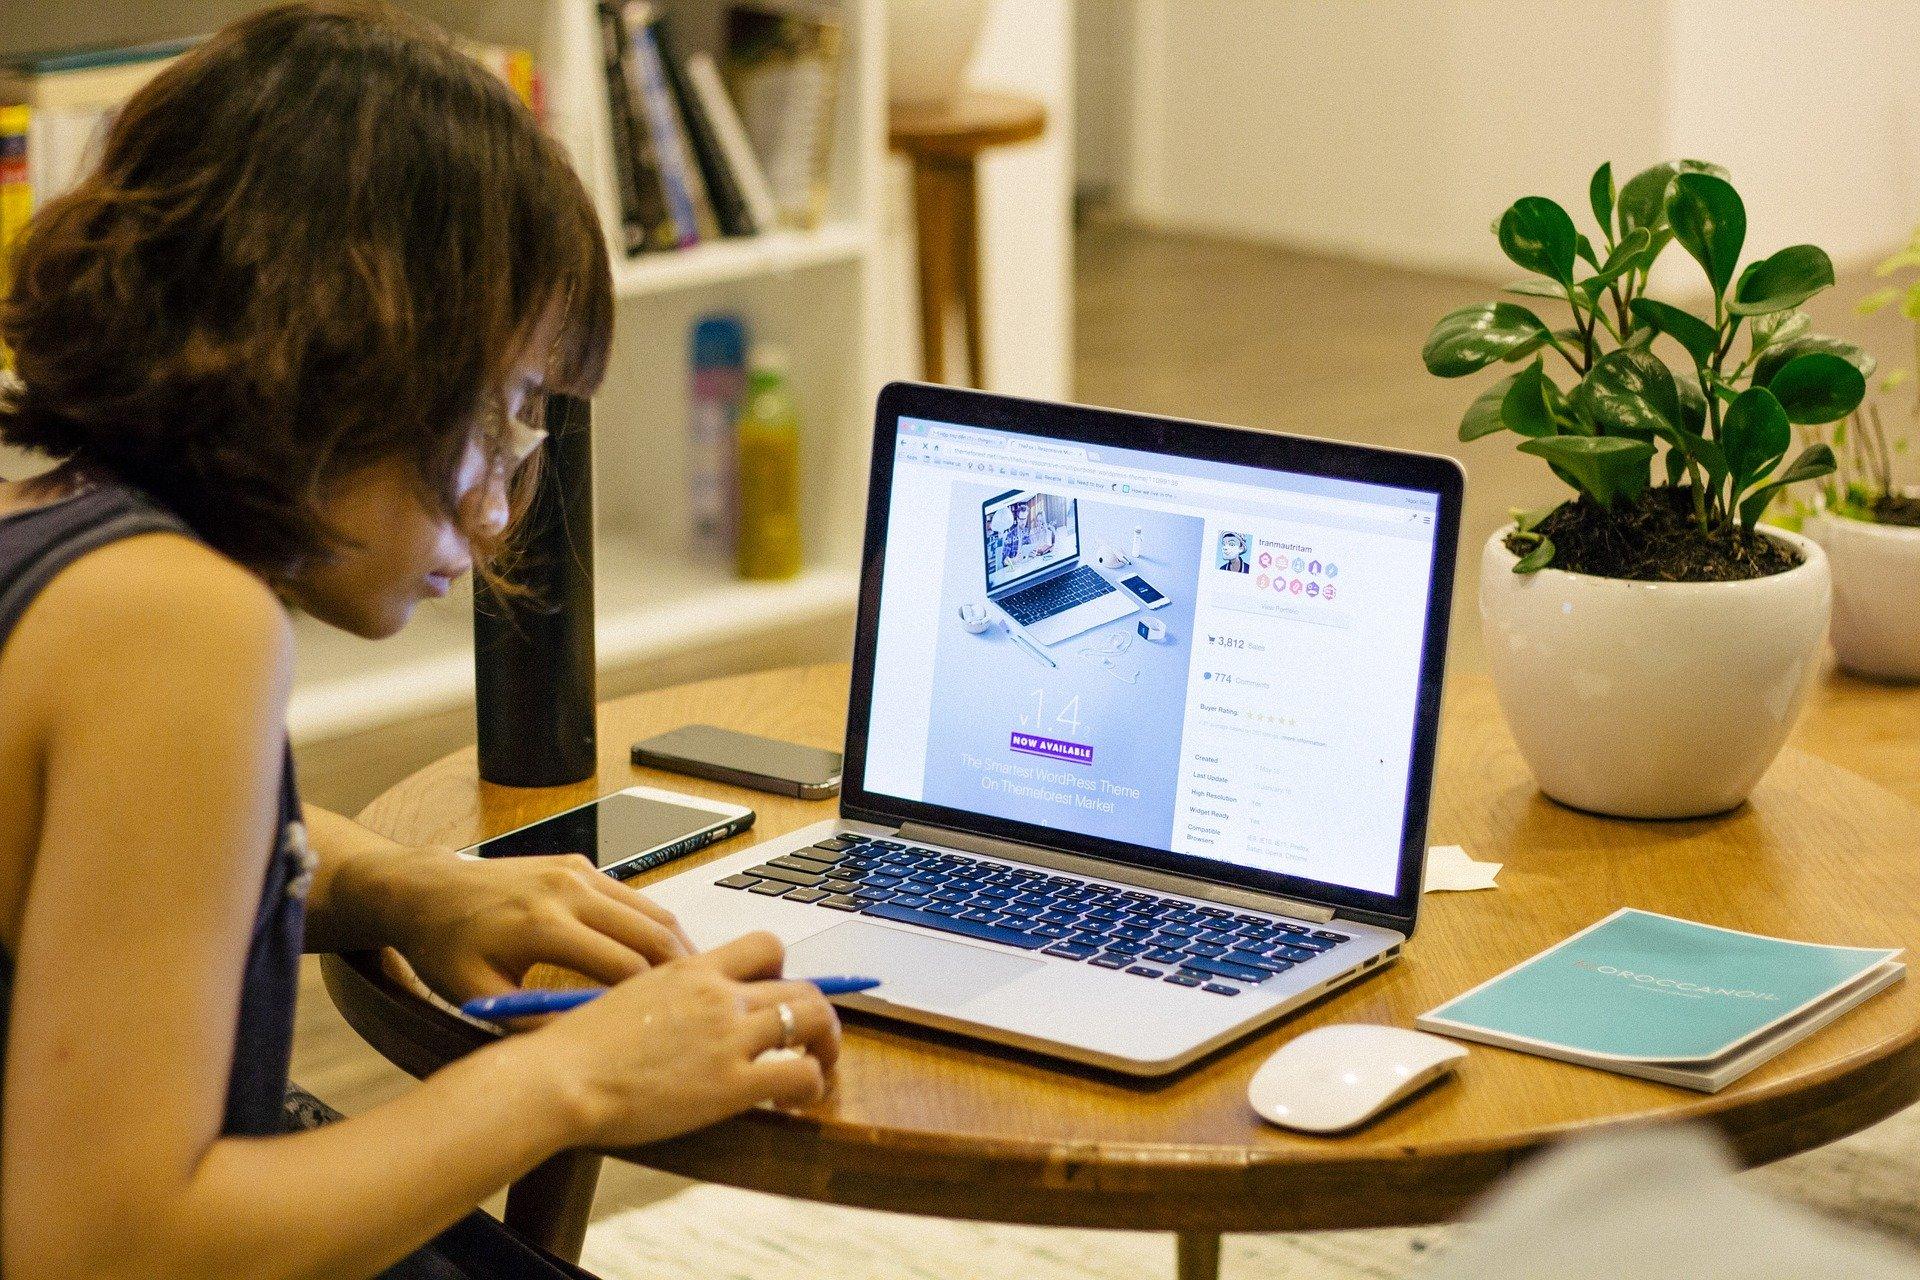 Pracodawca ma prawo przeprowadzić kontrolę w domu pracownika w zakresie przestrzegania przepisów BHP (fot. Pixabay)